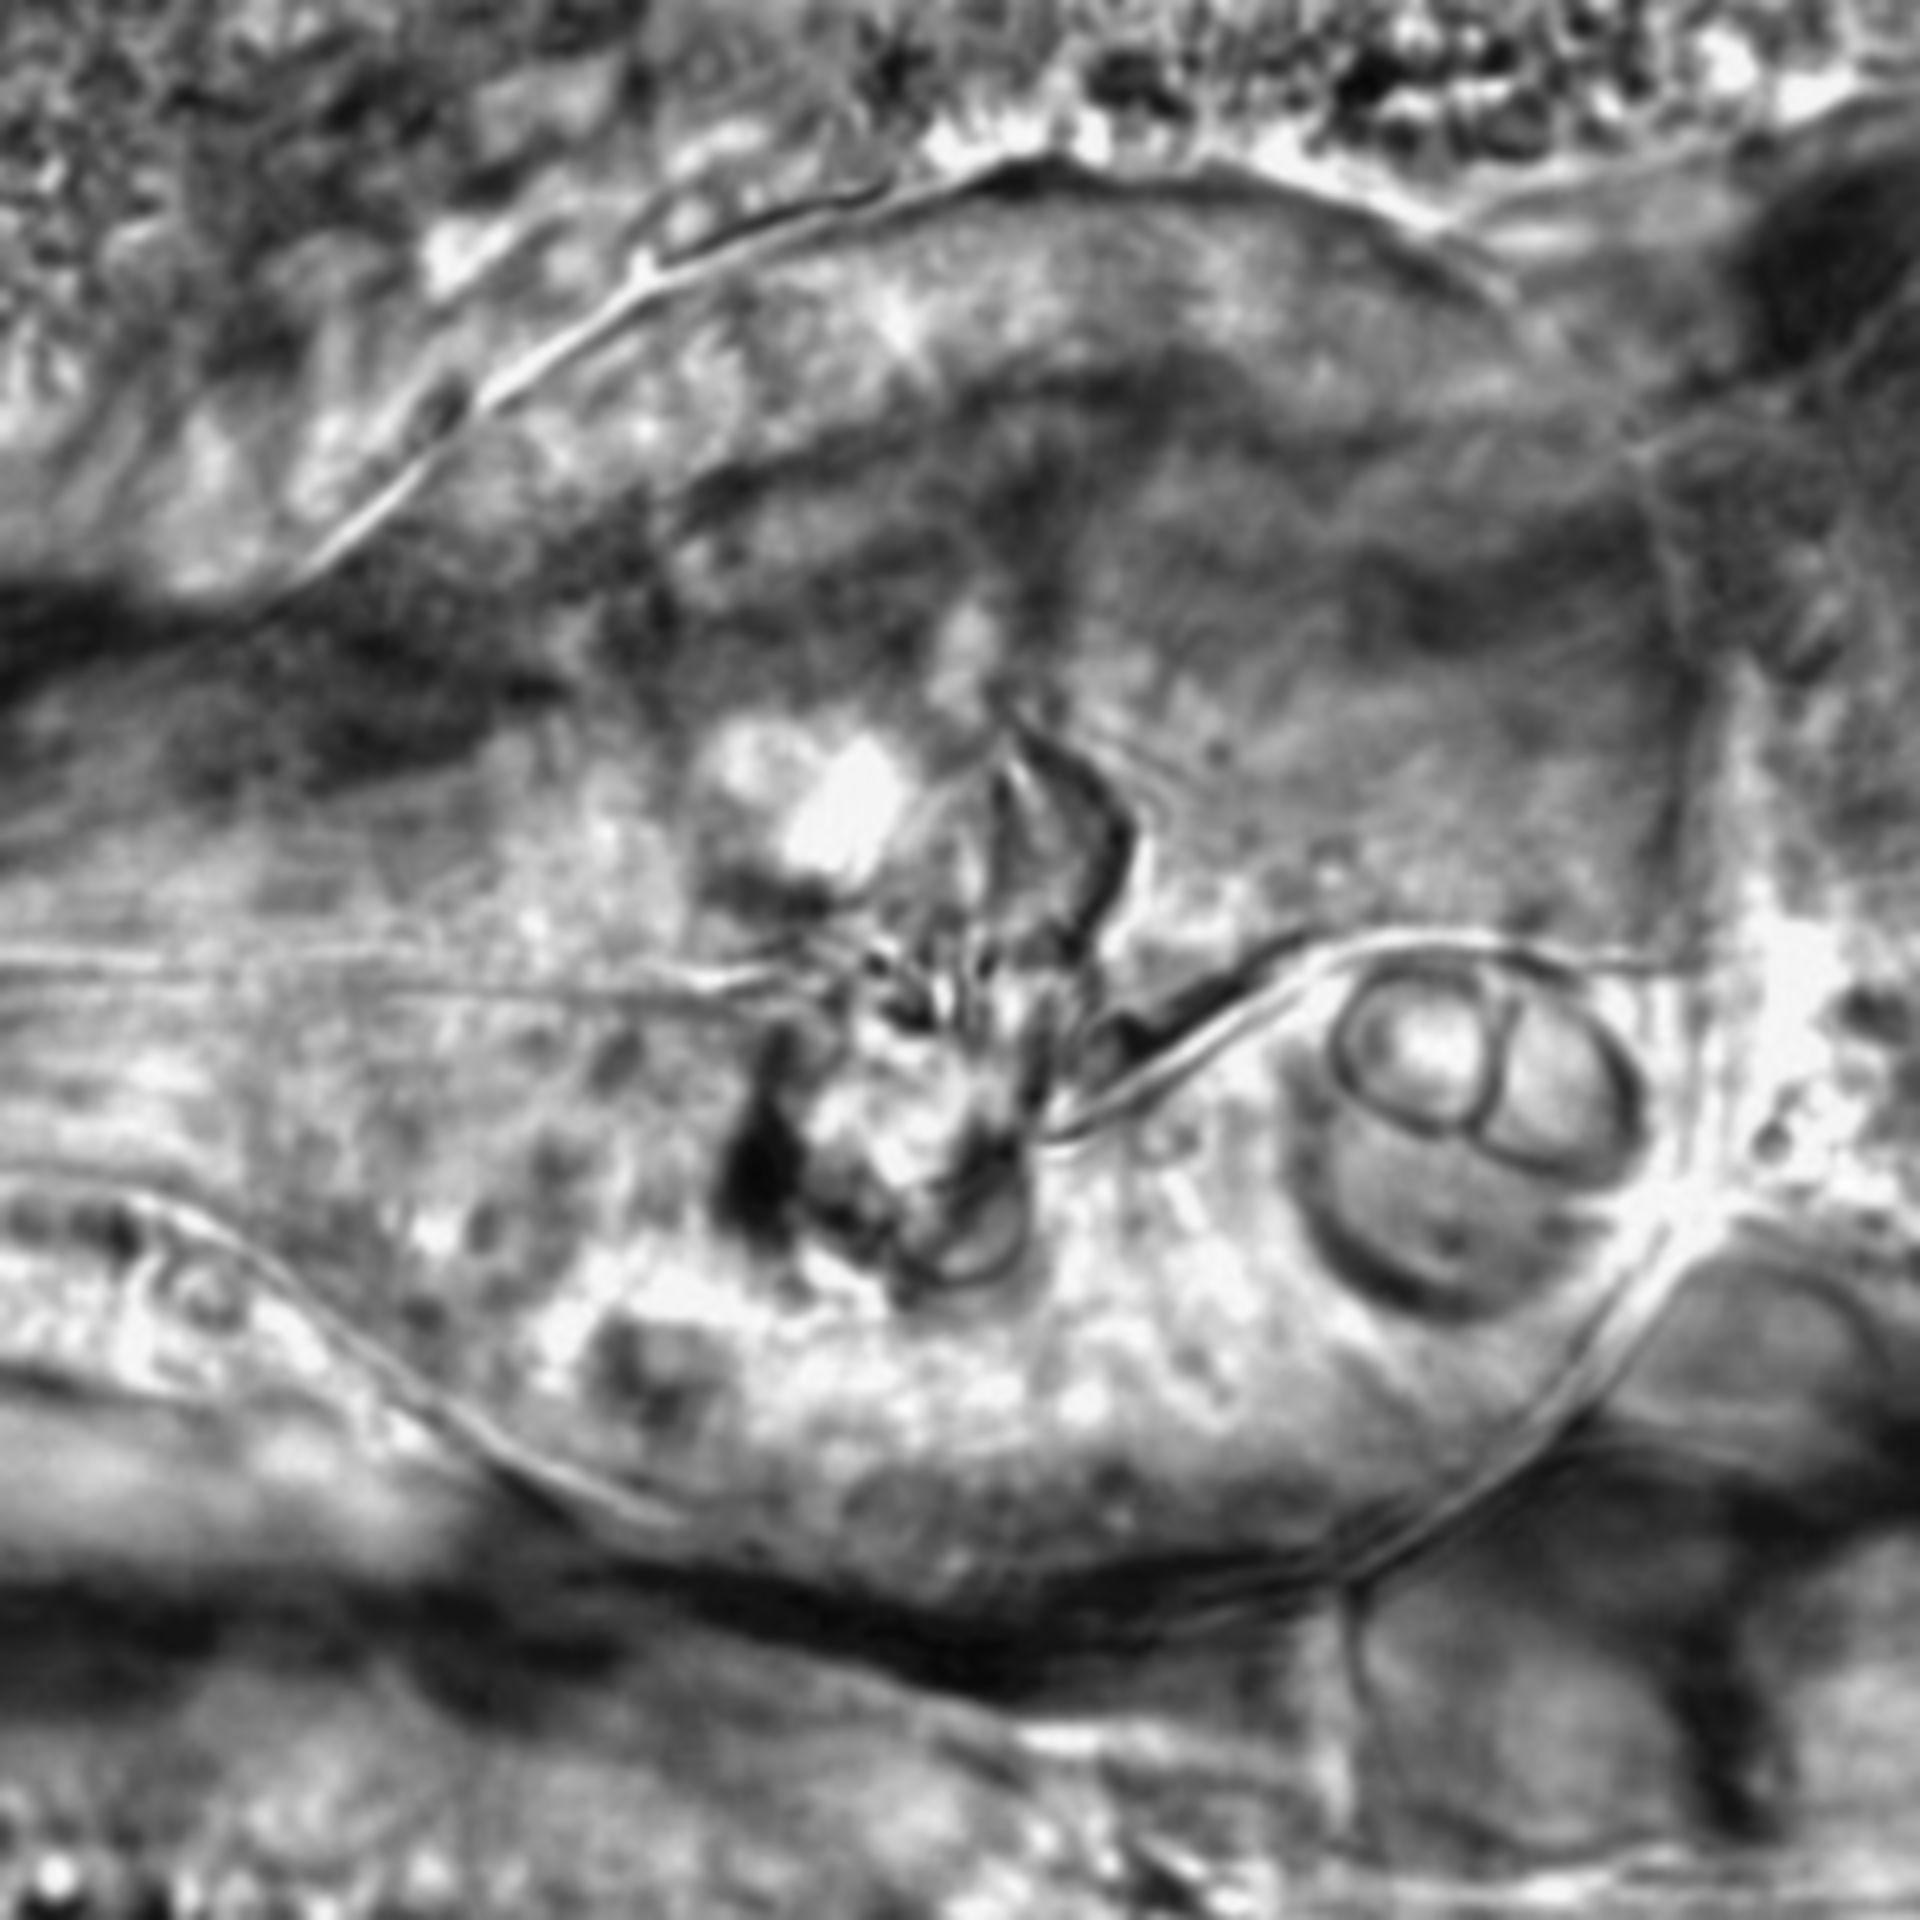 Caenorhabditis elegans - CIL:2726